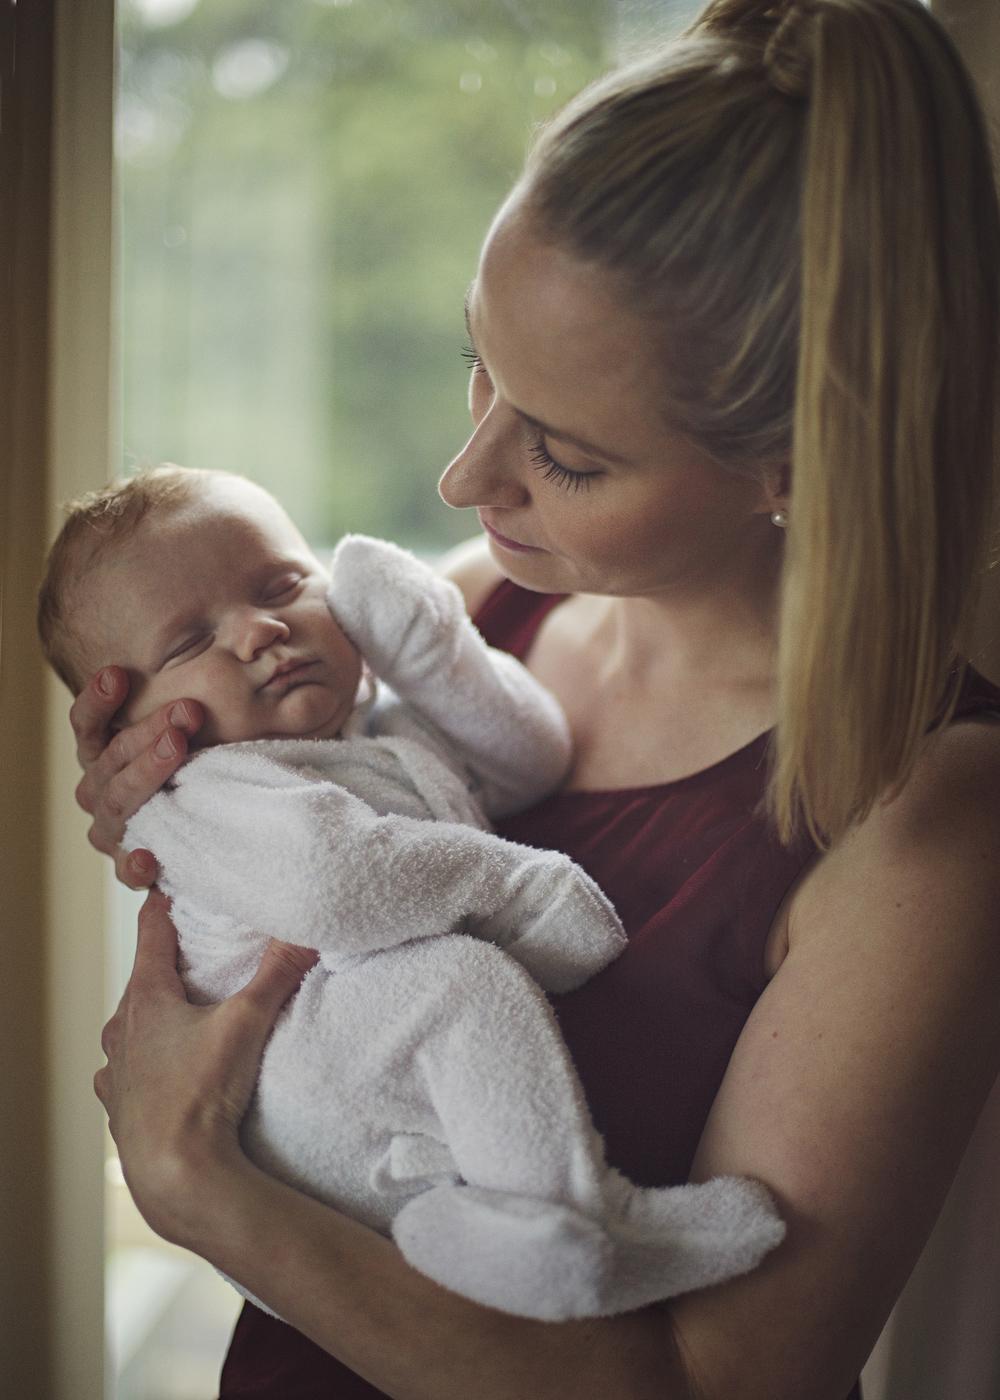 mum loves newborn baby.jpg